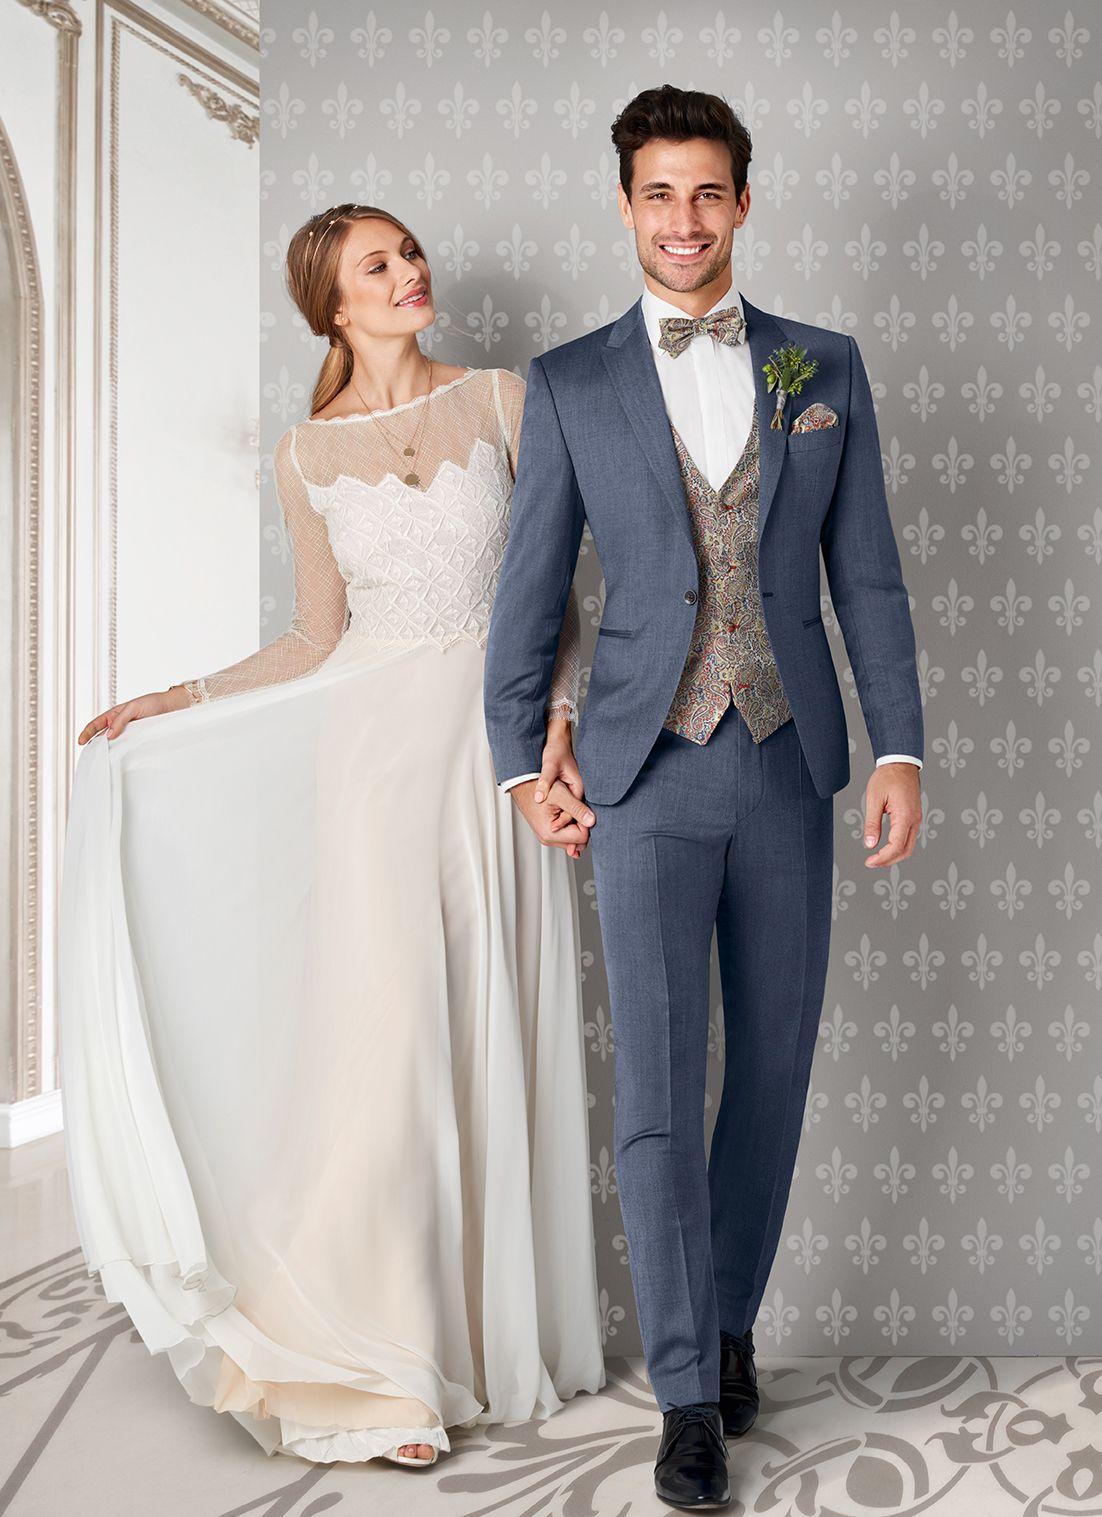 Las nuevas tendencias de trajes de boda reales de TZIACCO estarán disponibles a partir del 15 de abril de 2019 en …